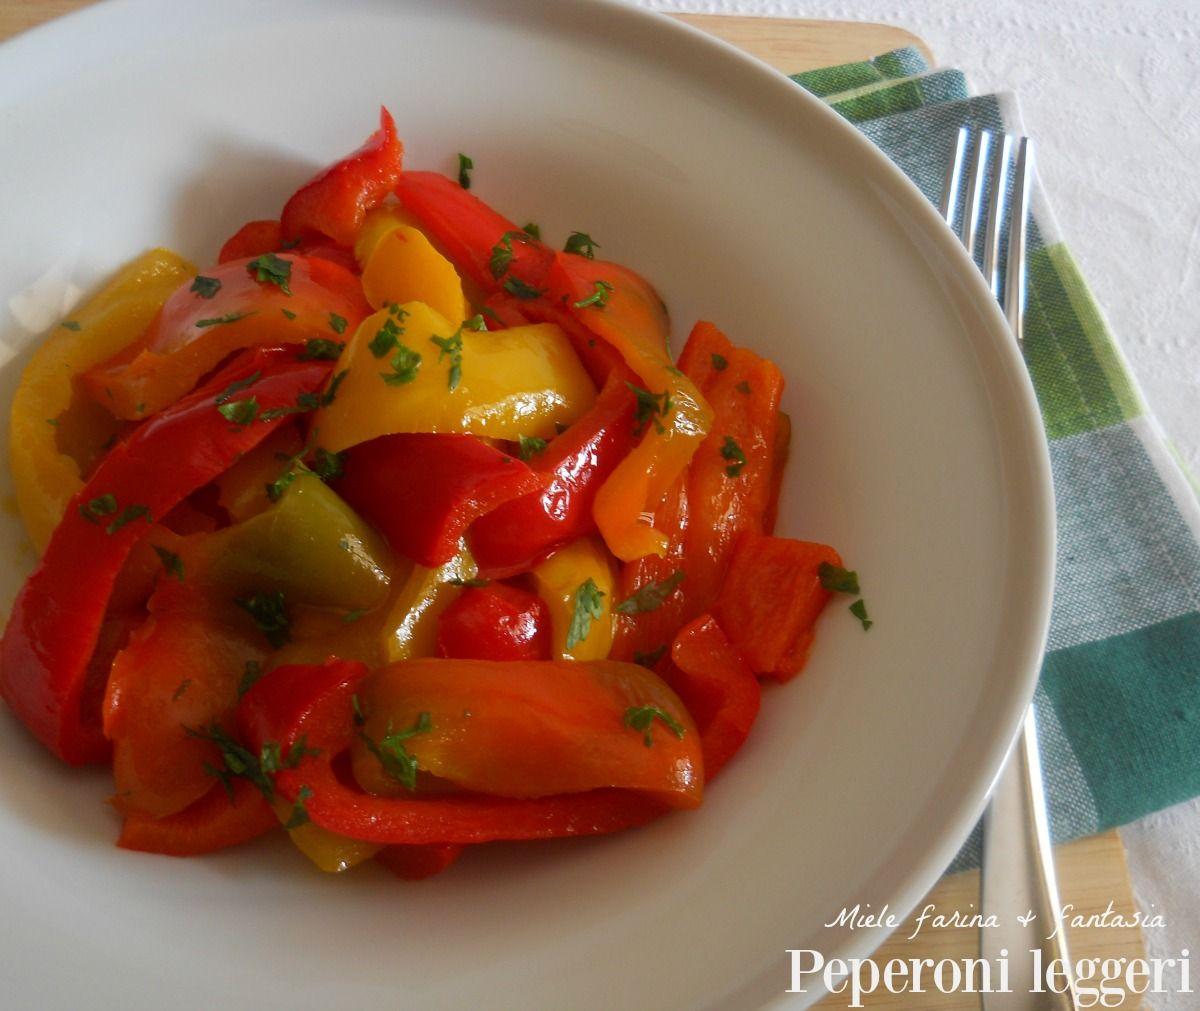 Peperoni in padella leggeri. Ideali come contorno facile e veloce per accompagnare carne, pesce, condire pasta e bruschette